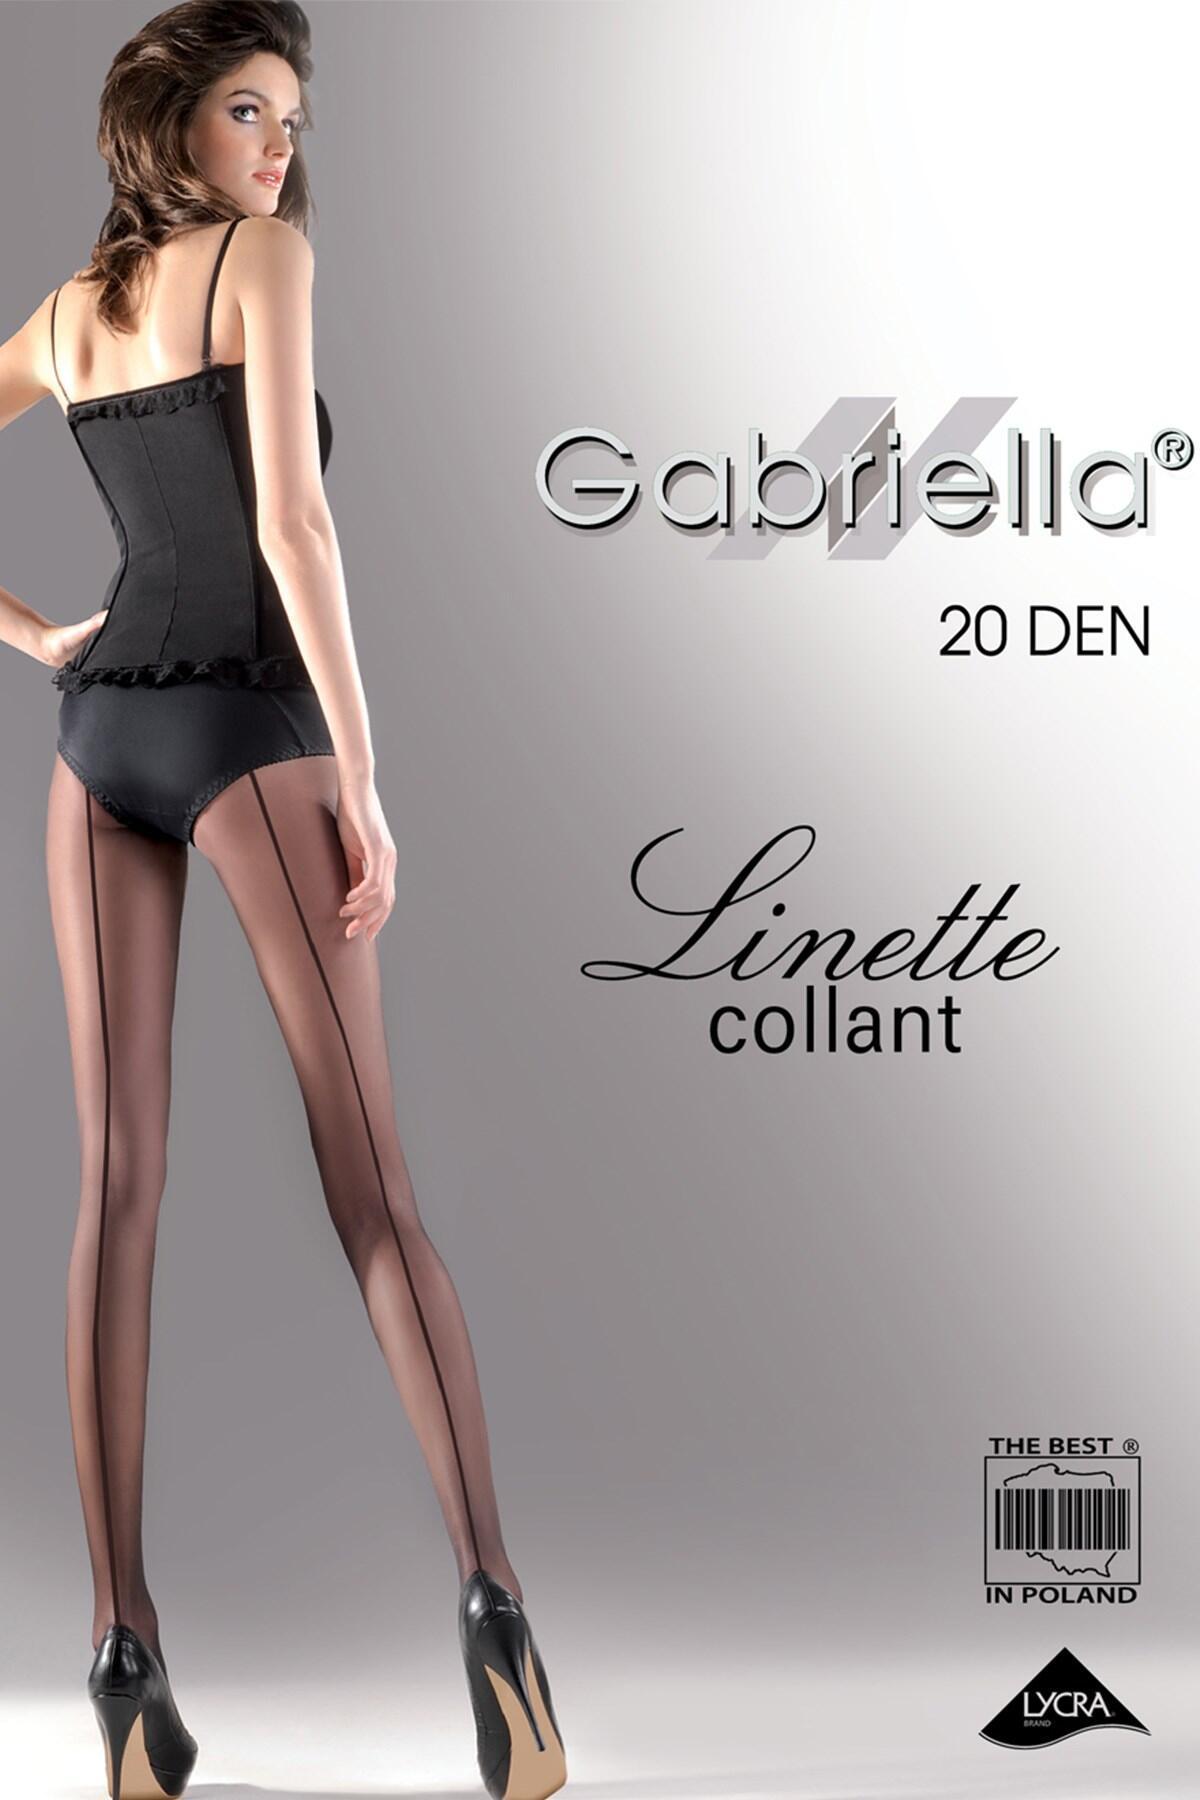 Gabriella Linette Back Seam  - Nude